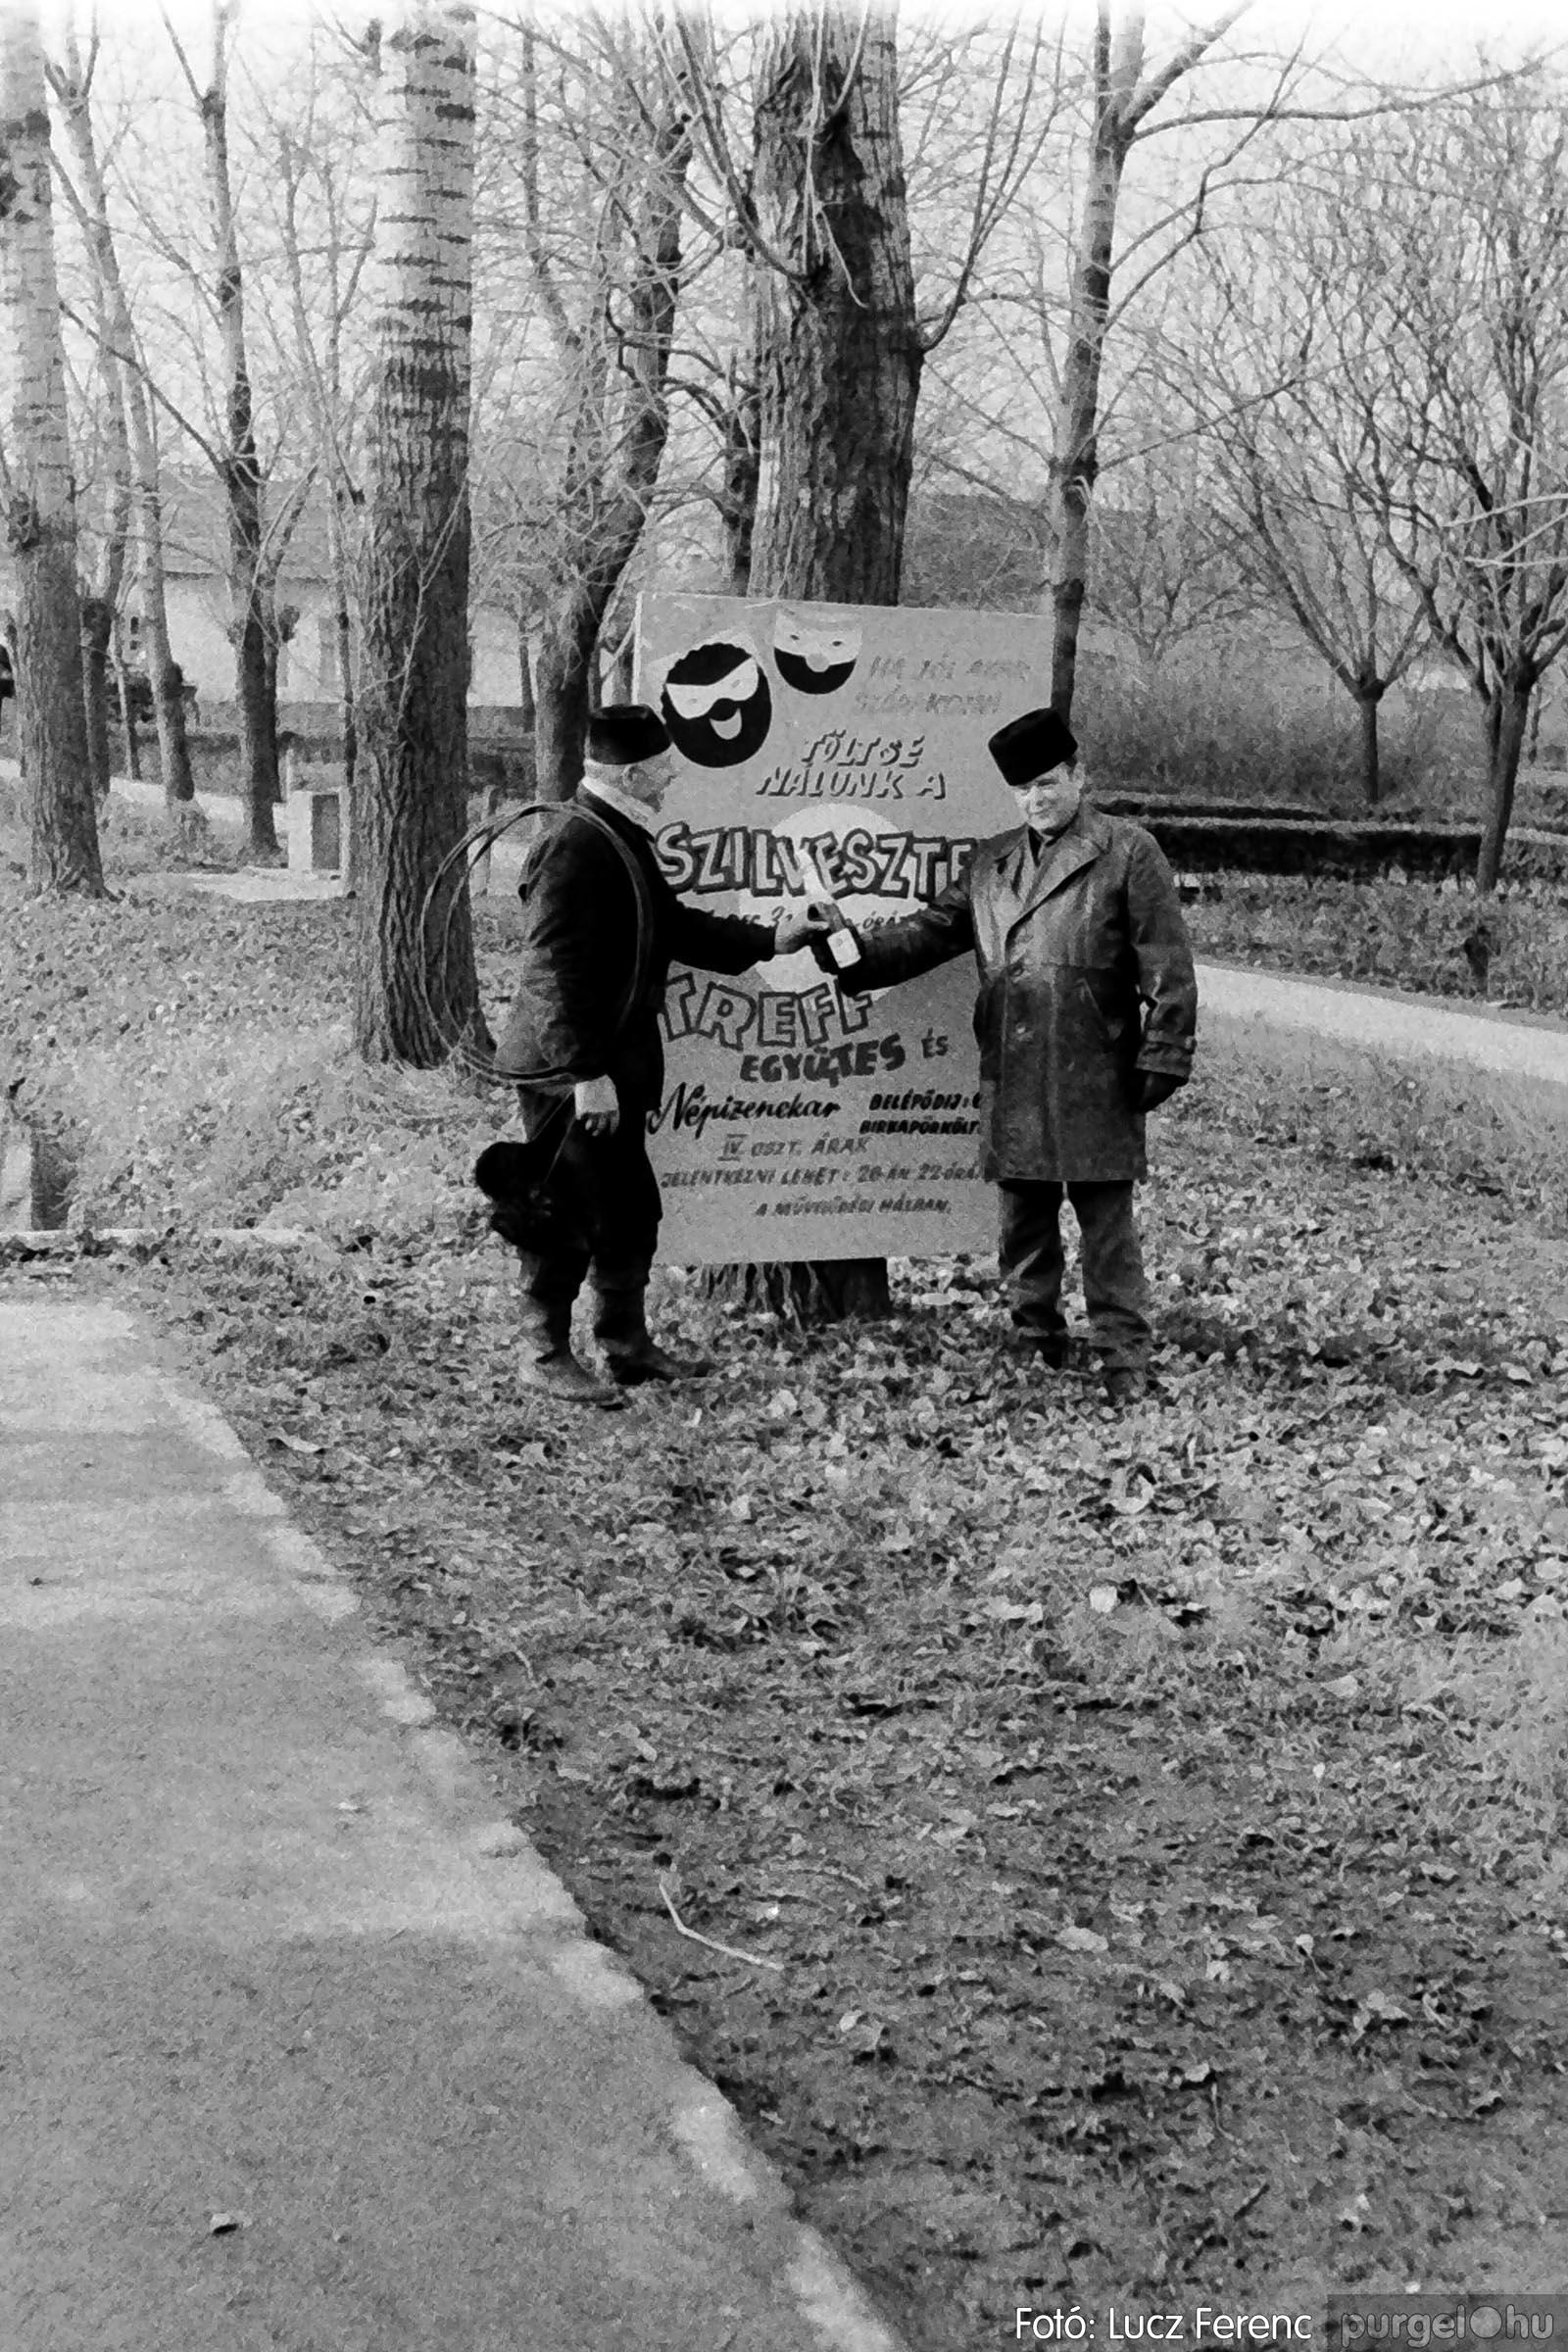 005 1974.12.31. Szilveszter 003 - Fotó: Lucz Ferenc - IMG00003q.jpg